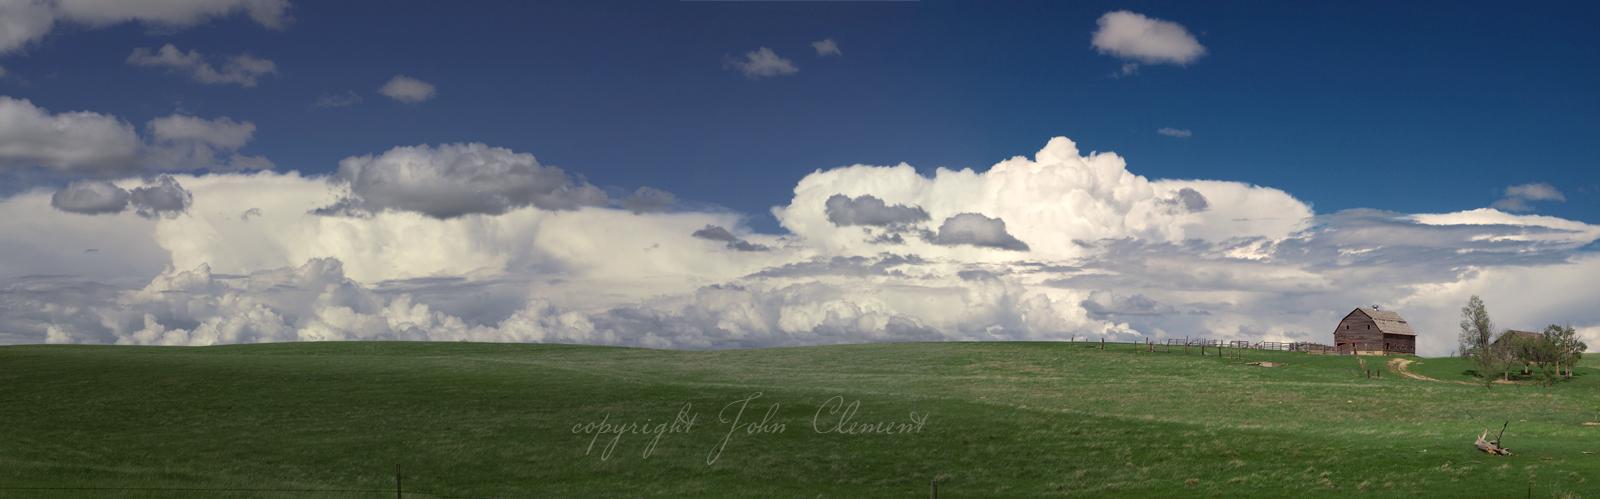 Big Sky in Nebraska